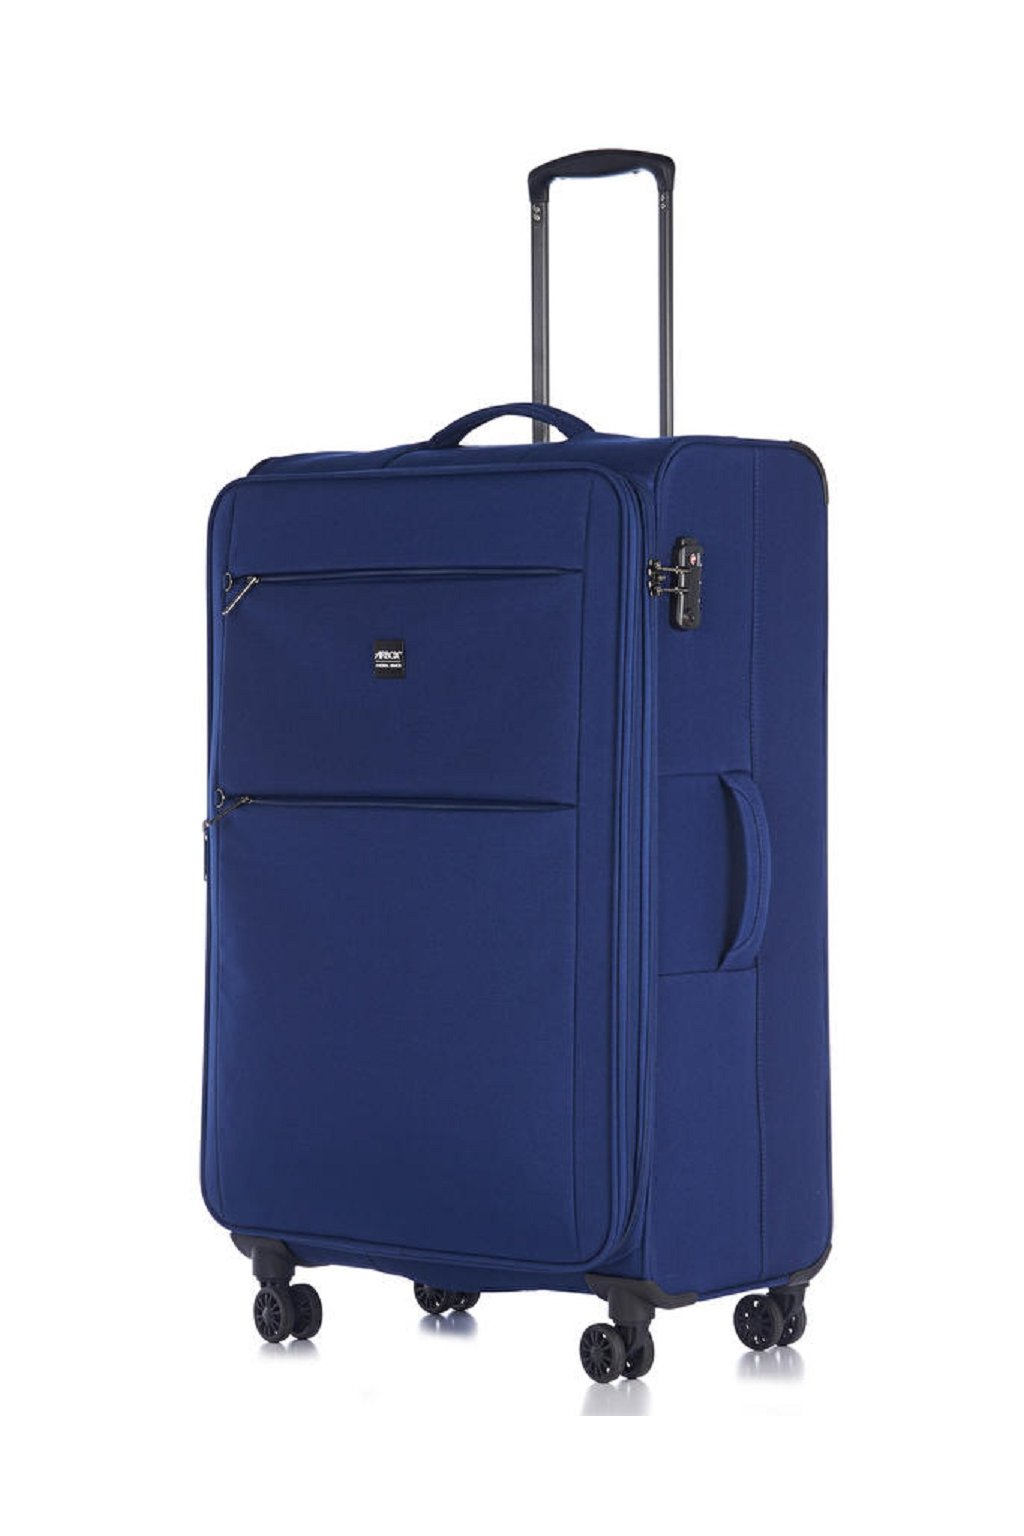 kufrland airbox as3 blue (2)